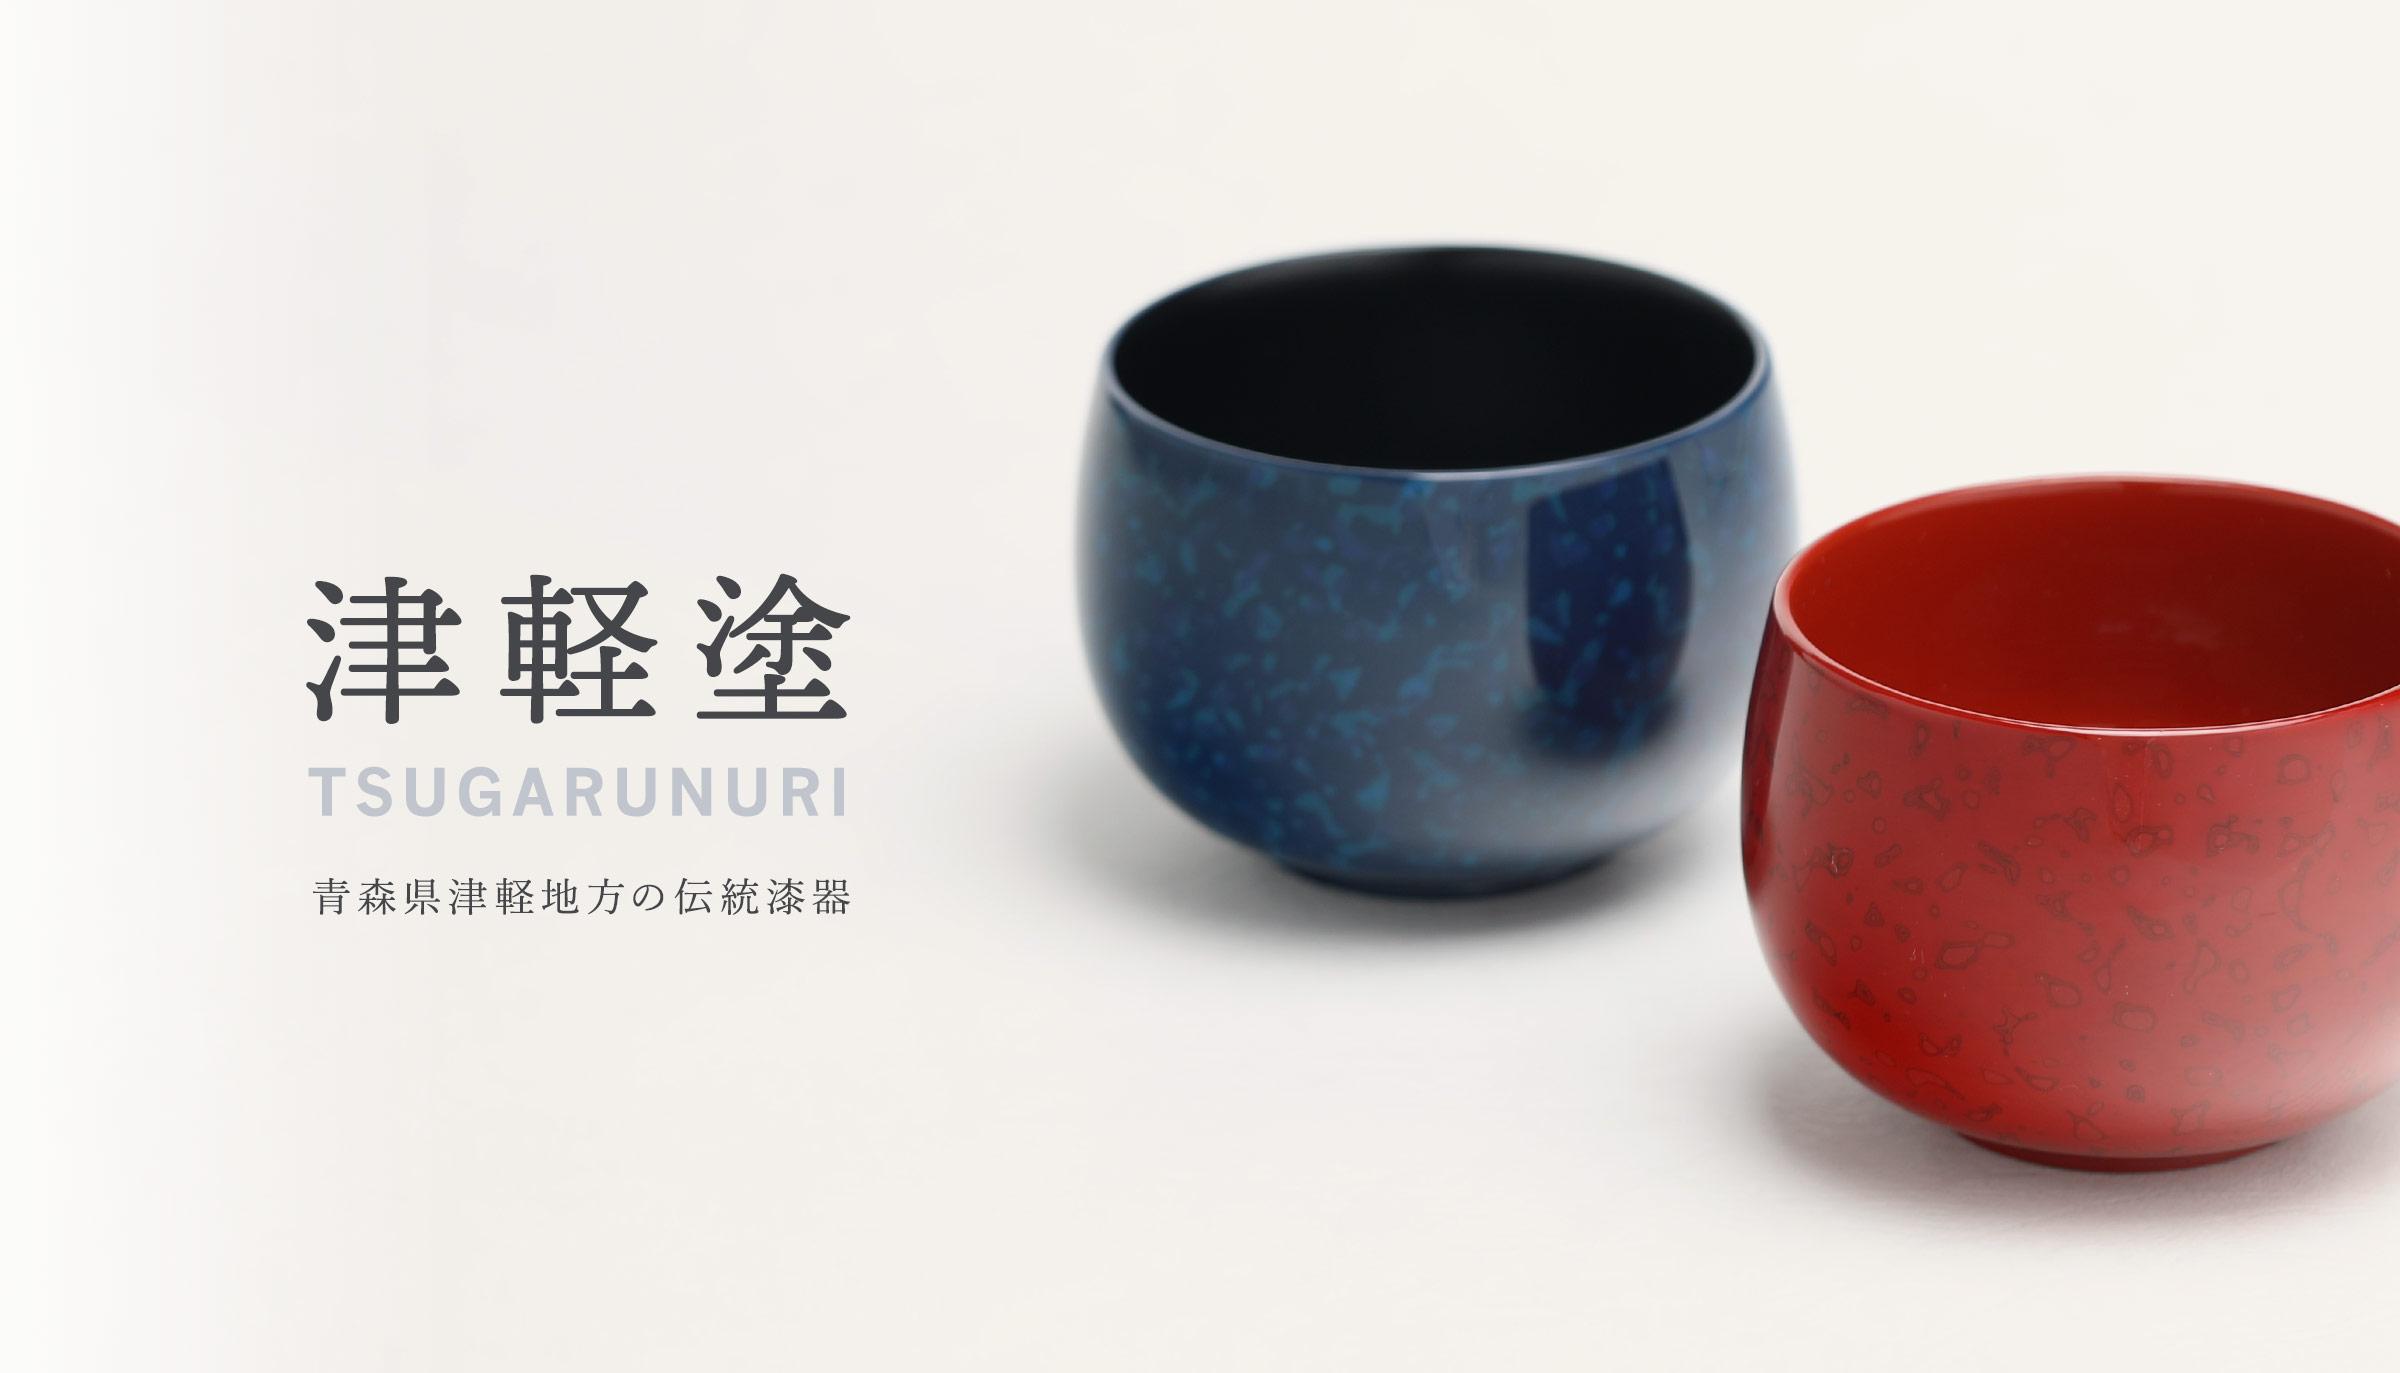 津軽塗(つがるぬり)青森県津軽地方の伝統漆器